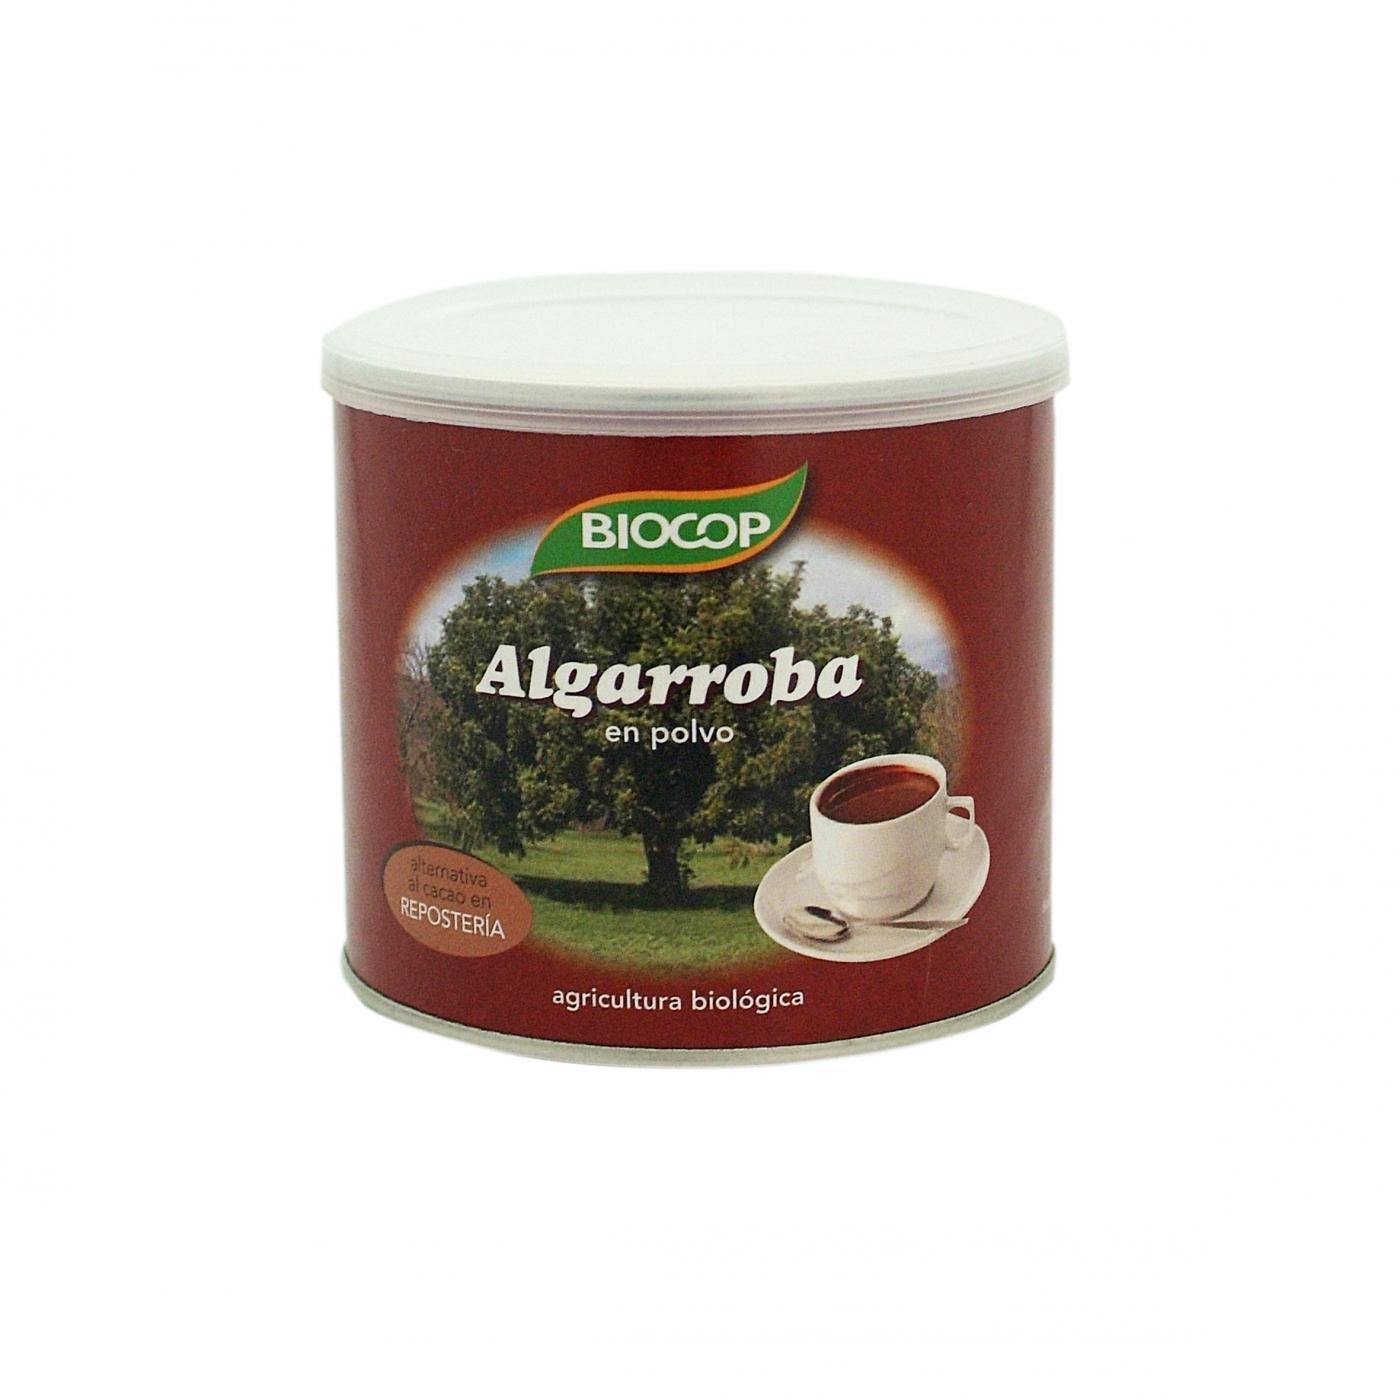 Biocop Harina Algarroba